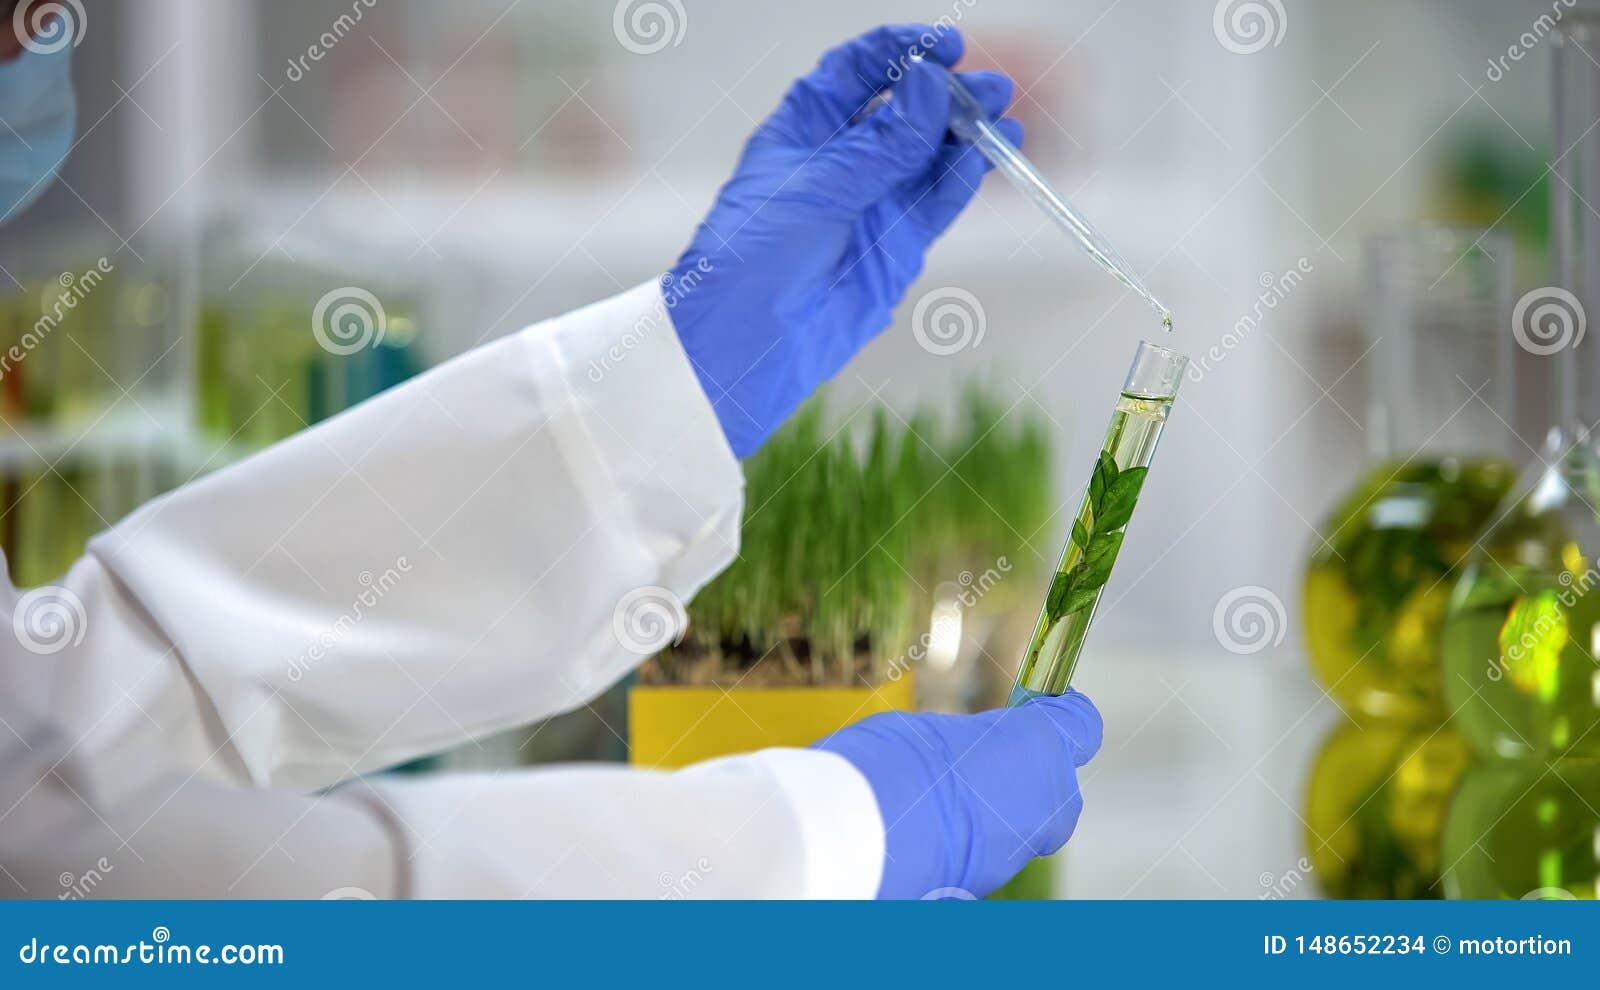 Laboratorium hulp druipende vloeistof in buis met installatie, organisch de kosmetiekuittreksel